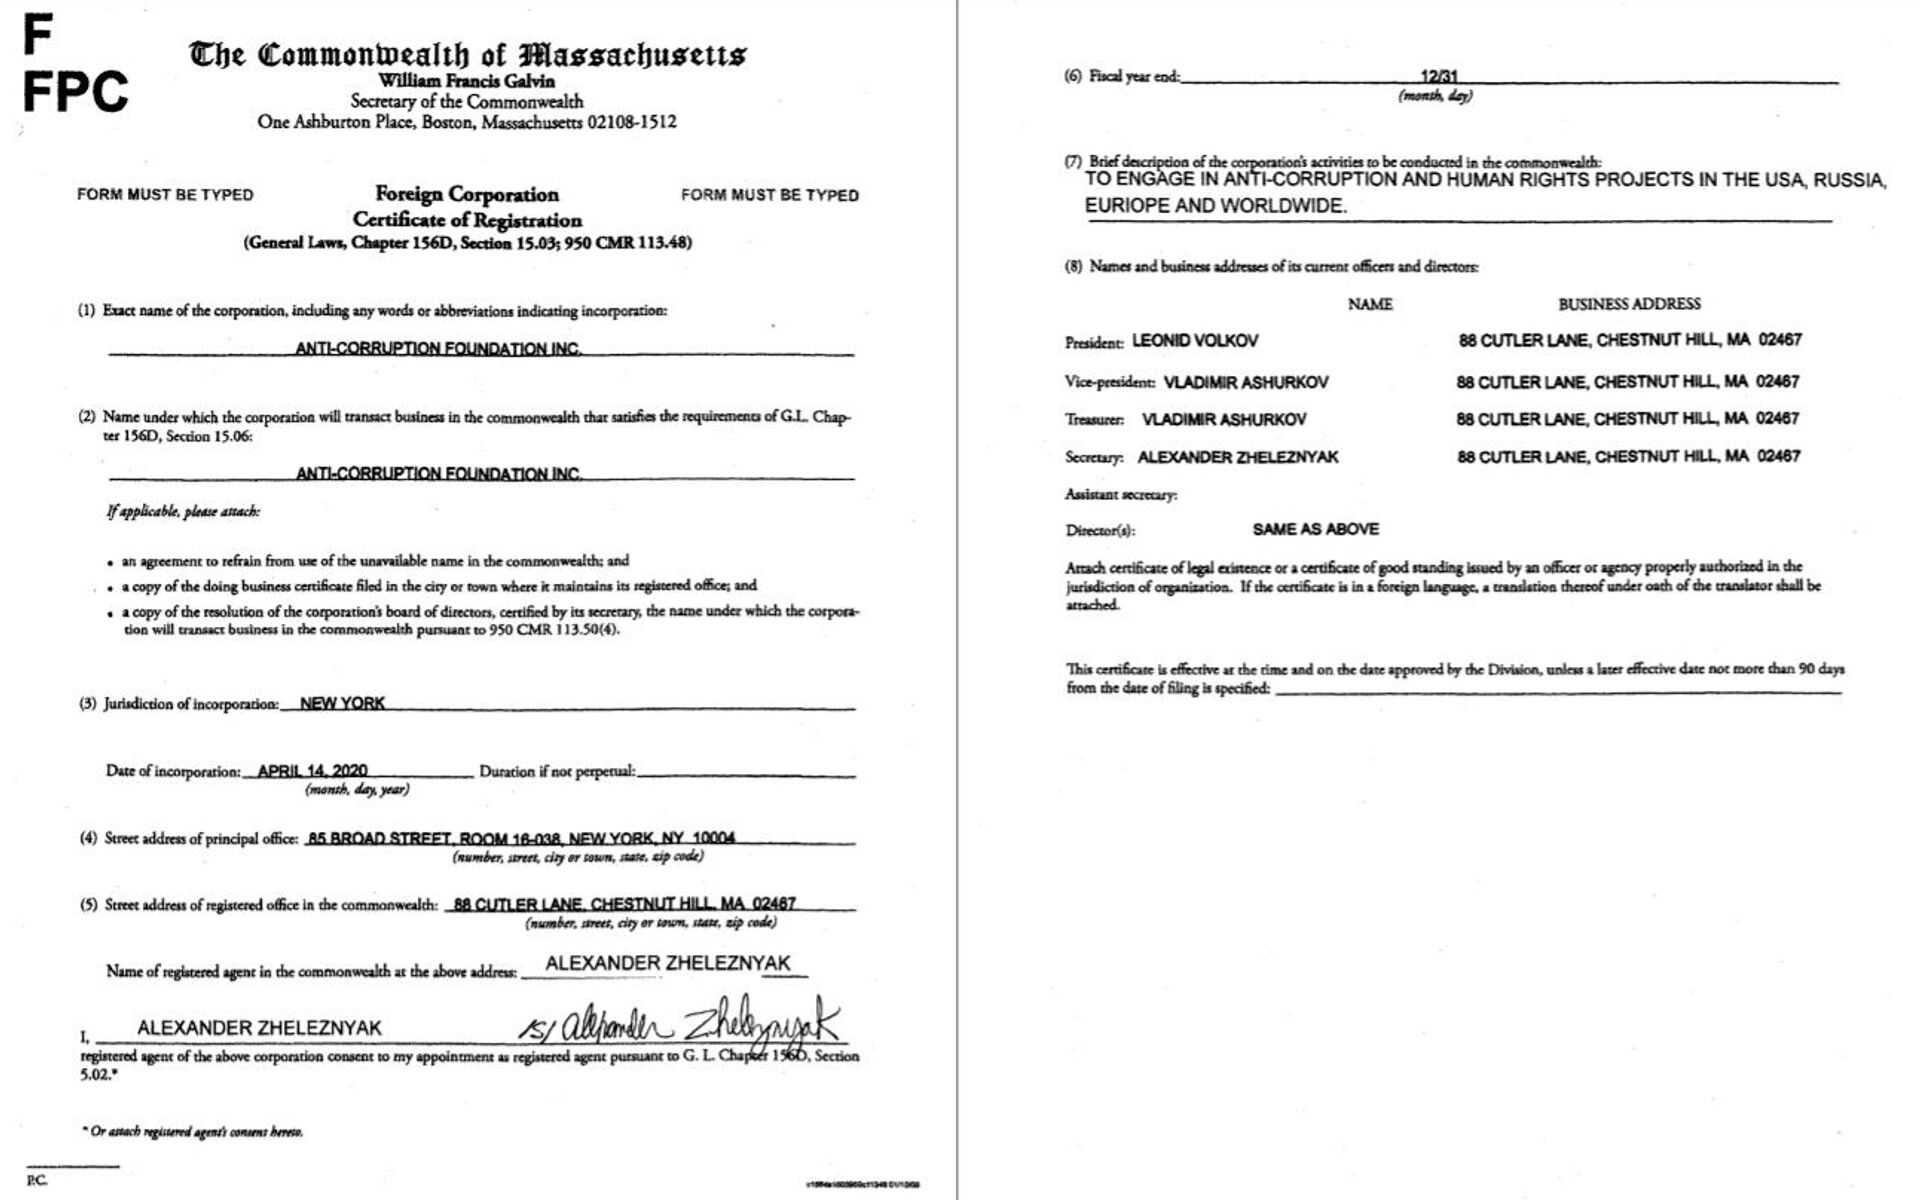 Сертификат иностранной корпорации, выданный властями Массачусетса - Sputnik Латвия, 1920, 08.09.2021